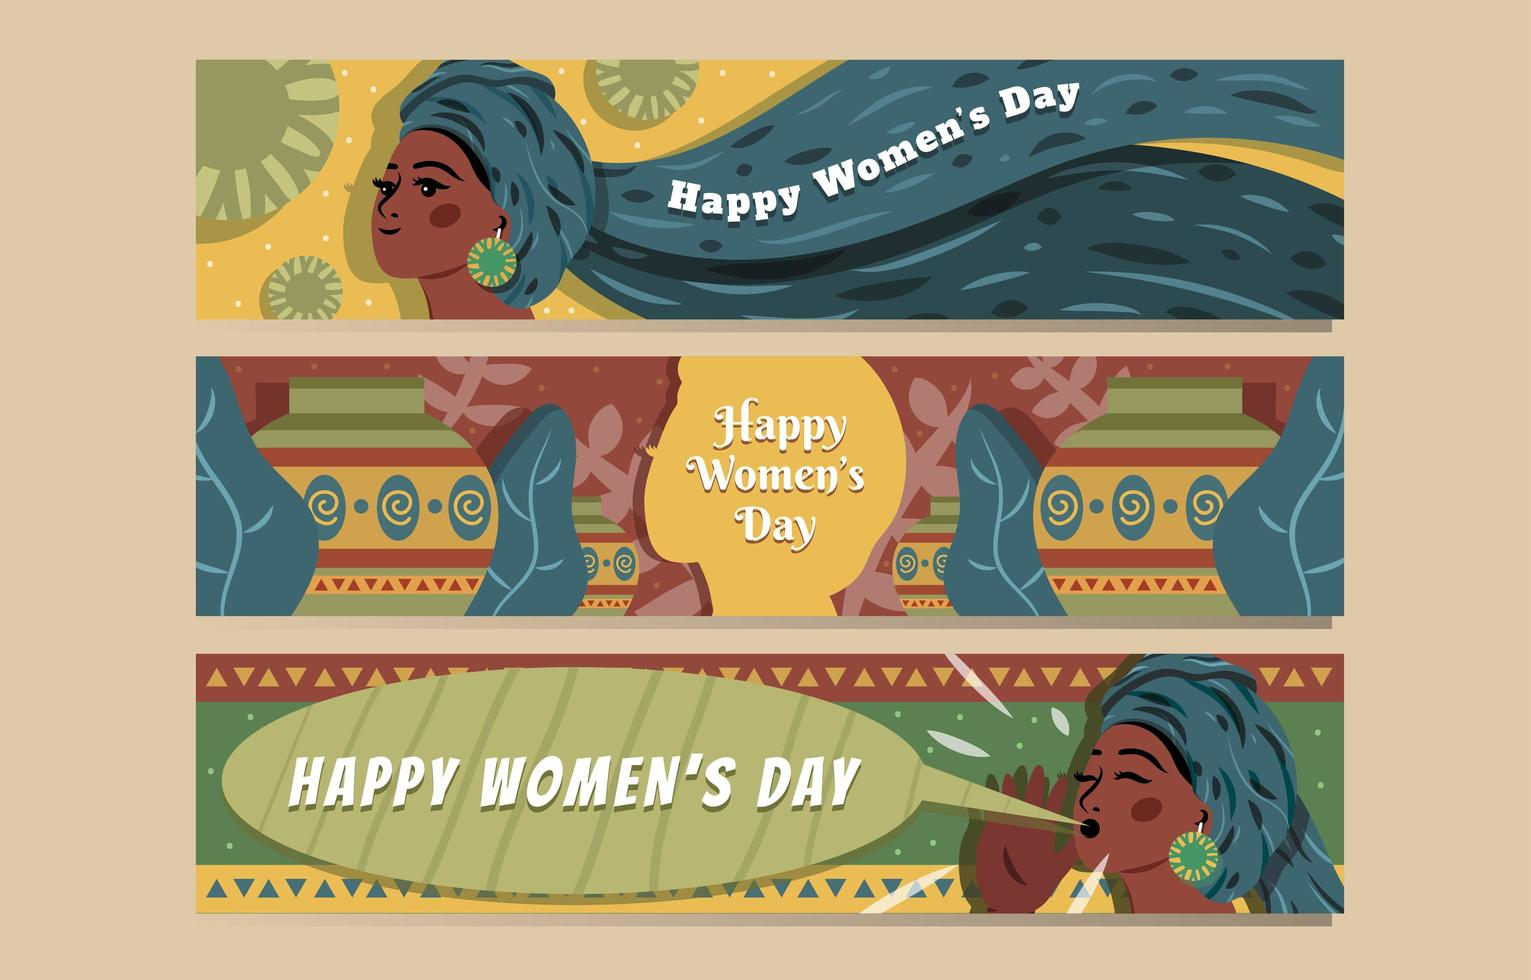 Happy Women's Day Banner Concept vector